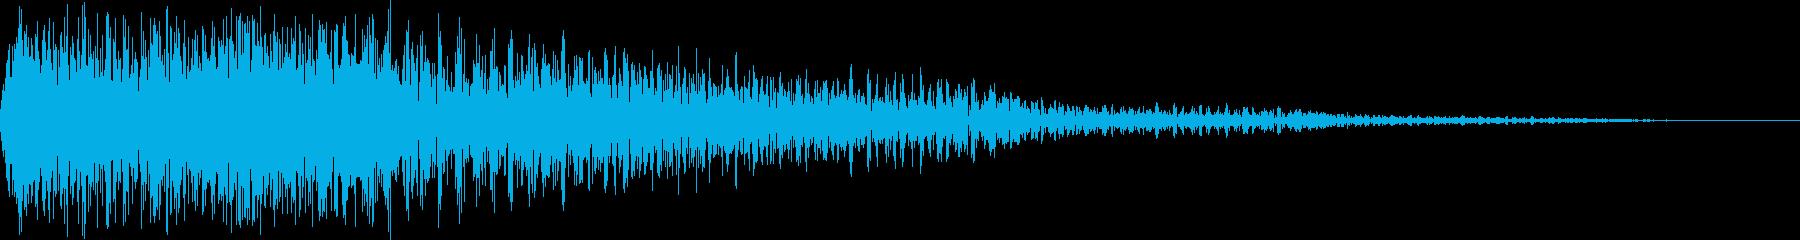 ジャラン(スタート 選択 登場)の再生済みの波形